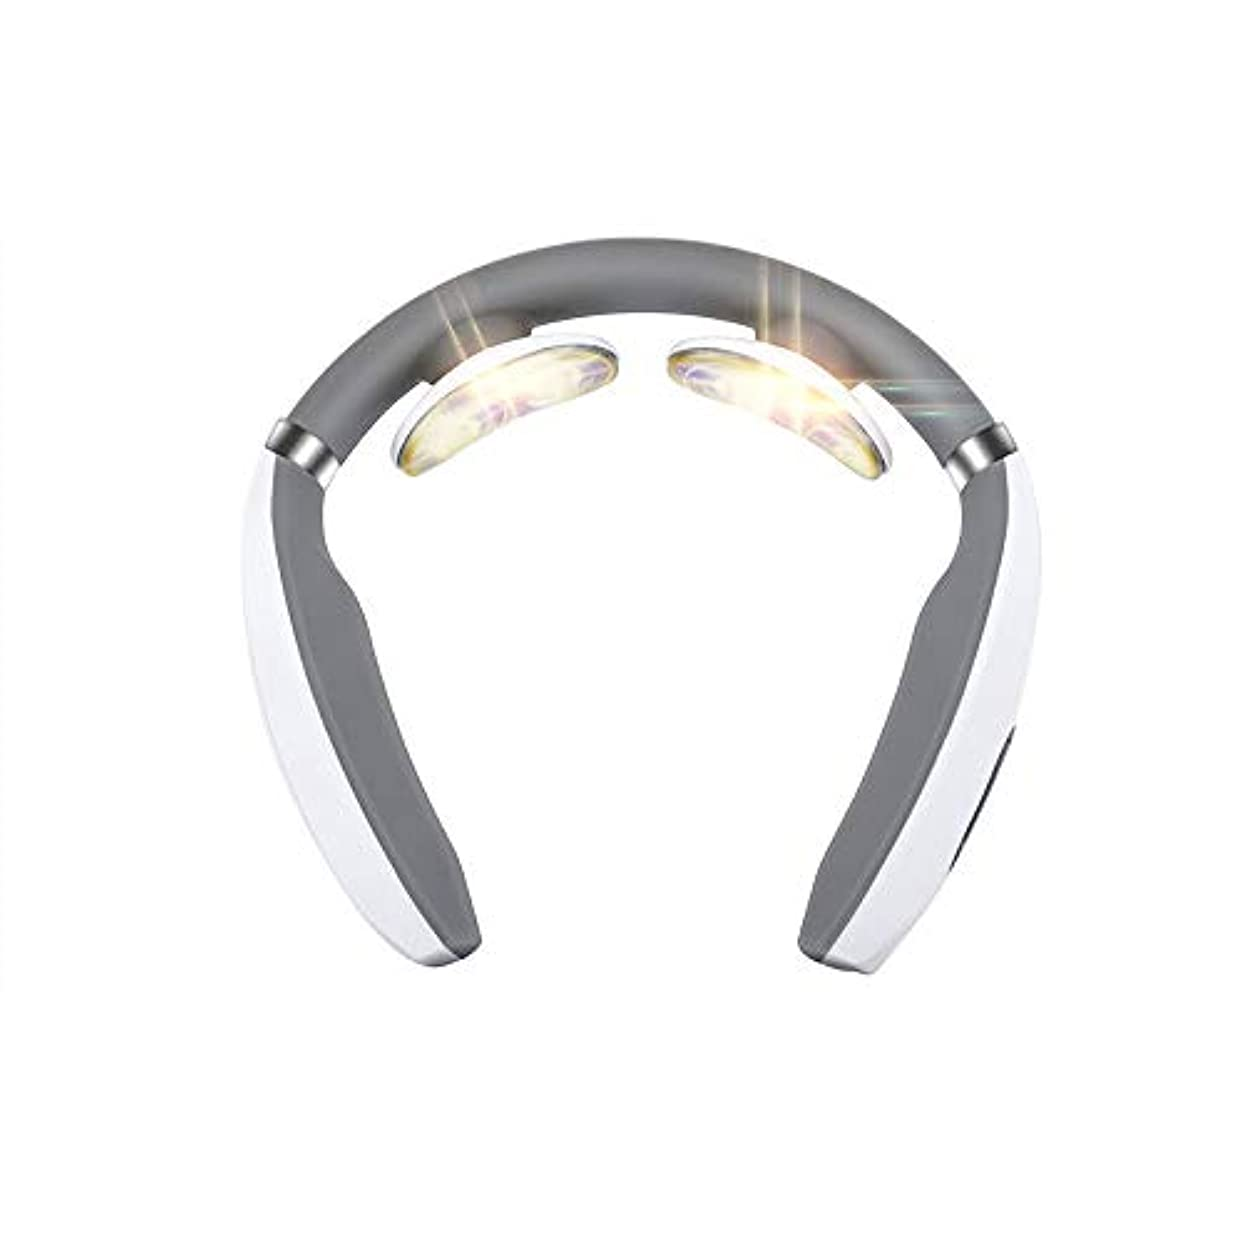 論争の的束ハンサム首マッサージャー 正規品 マッサージ器 ネックマッサージャー 多機能 首のマッサージ器 usbで充電式 不眠症改善 家庭用&職場用&車用 ストレス解消グッズ 振動 温熱療法 疲労回復 頚椎ヘルニア 改善 マッサージモード調節可能 2019年最新版 3D頸椎マッサージャー 一年間質量保証